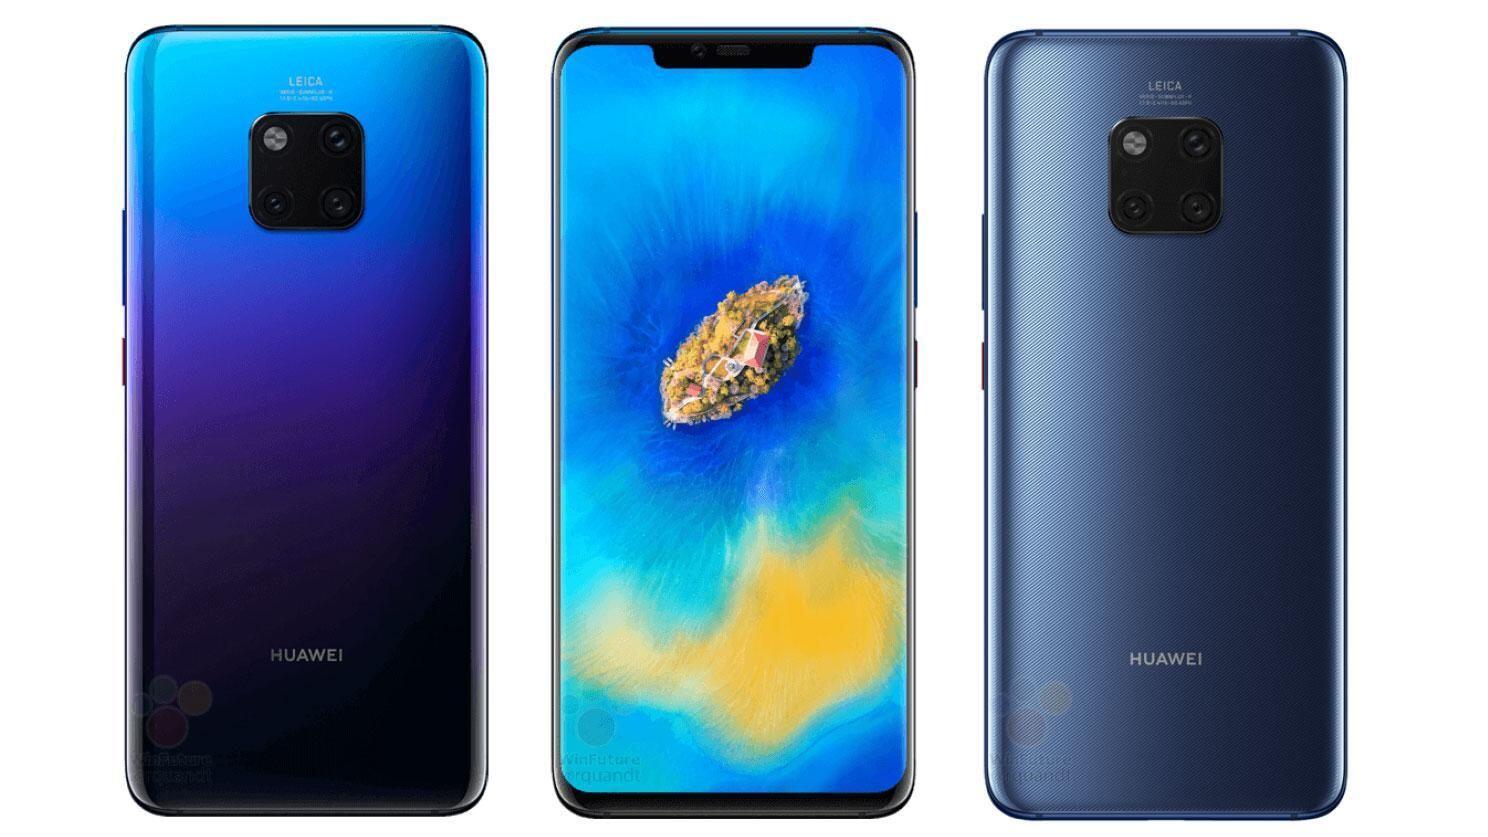 Didominasi Huawei, 10 Smartphone dengan Performa Tercepat Oktober 2018